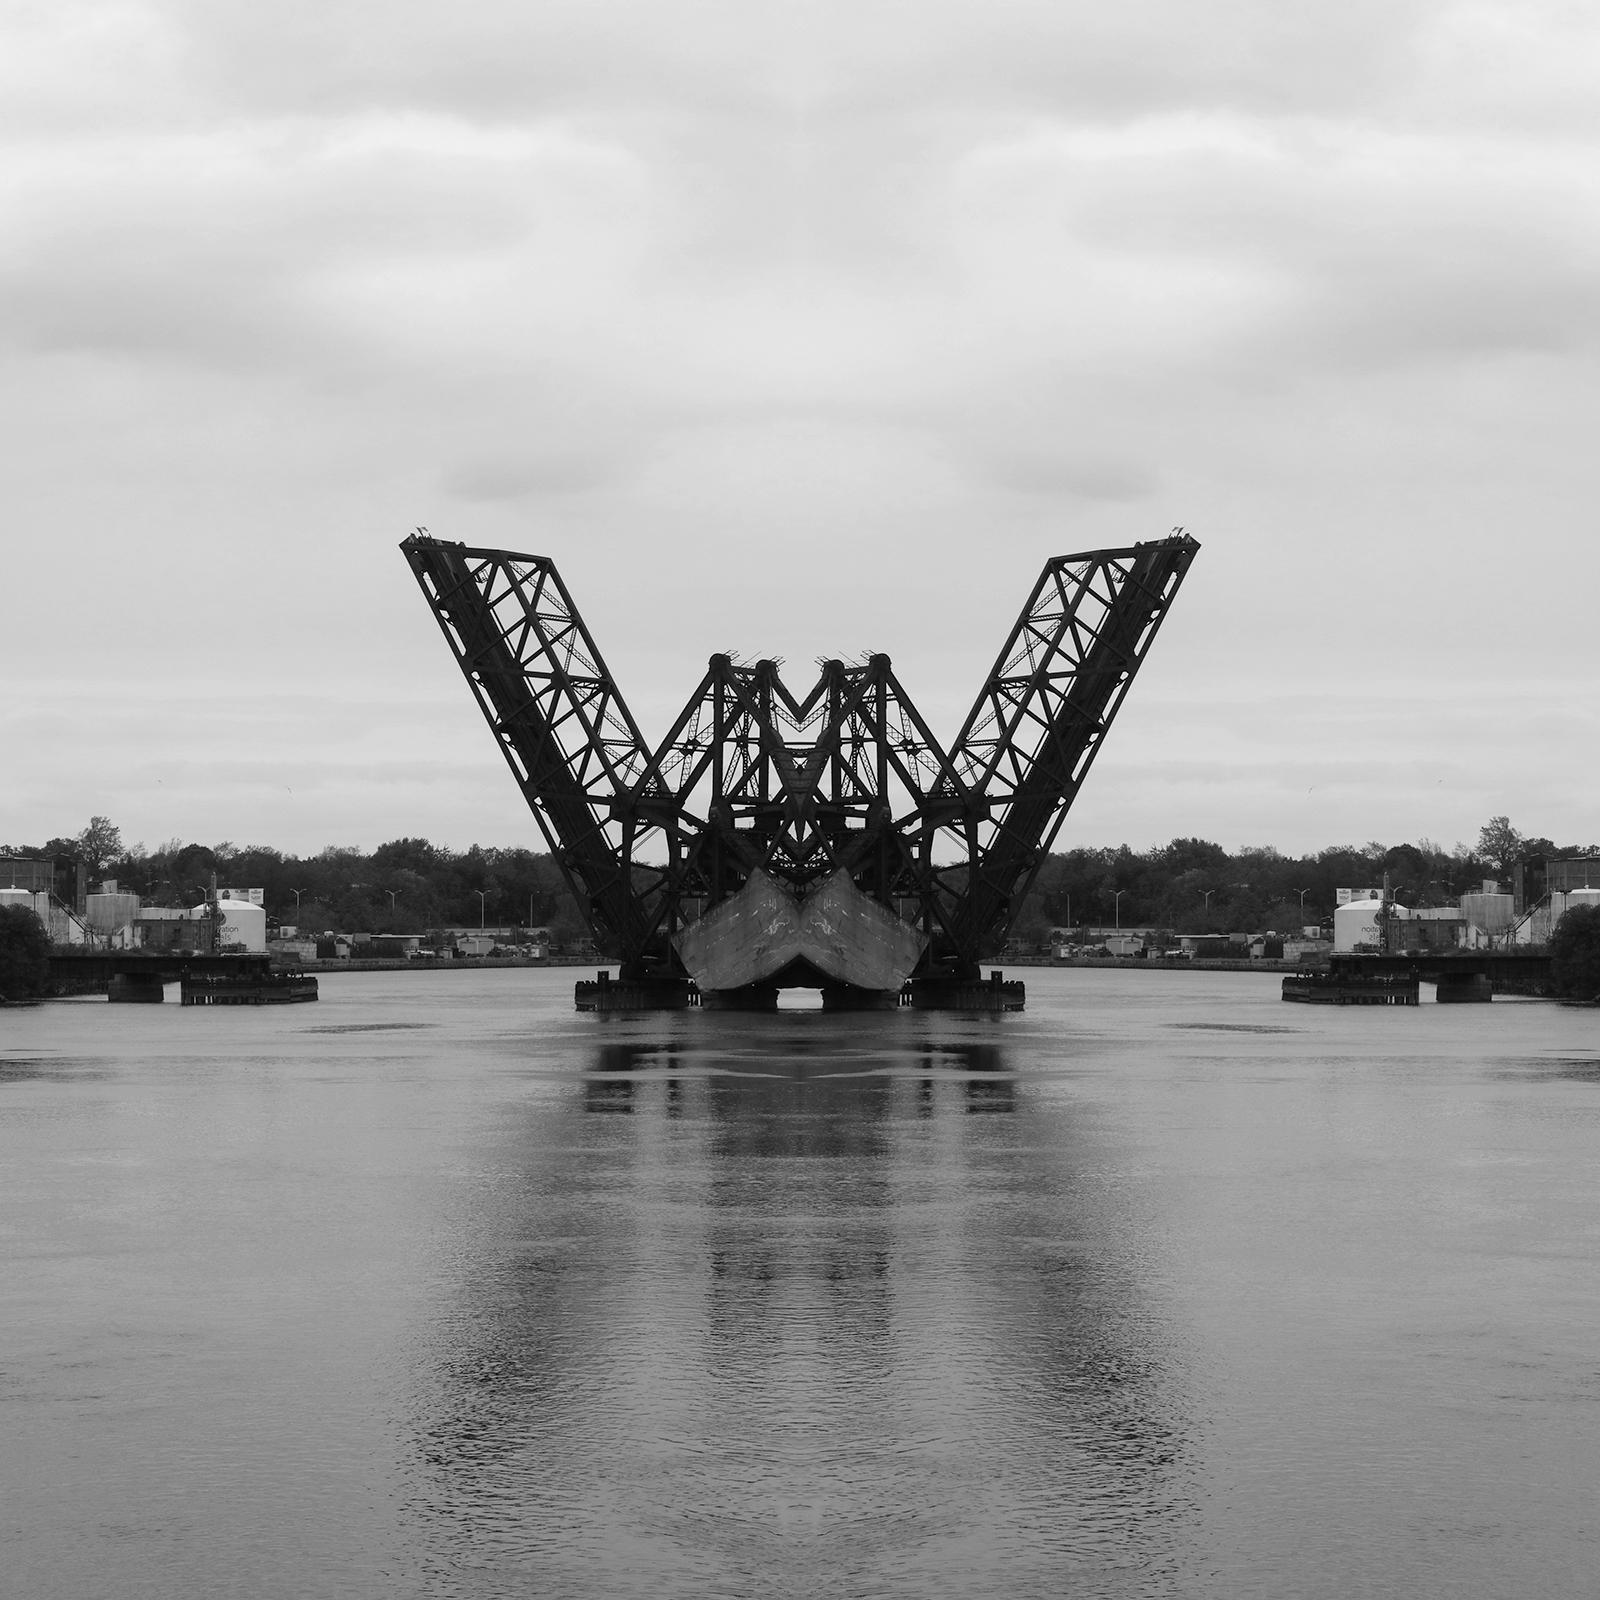 Bridge_transformer_8.jpg